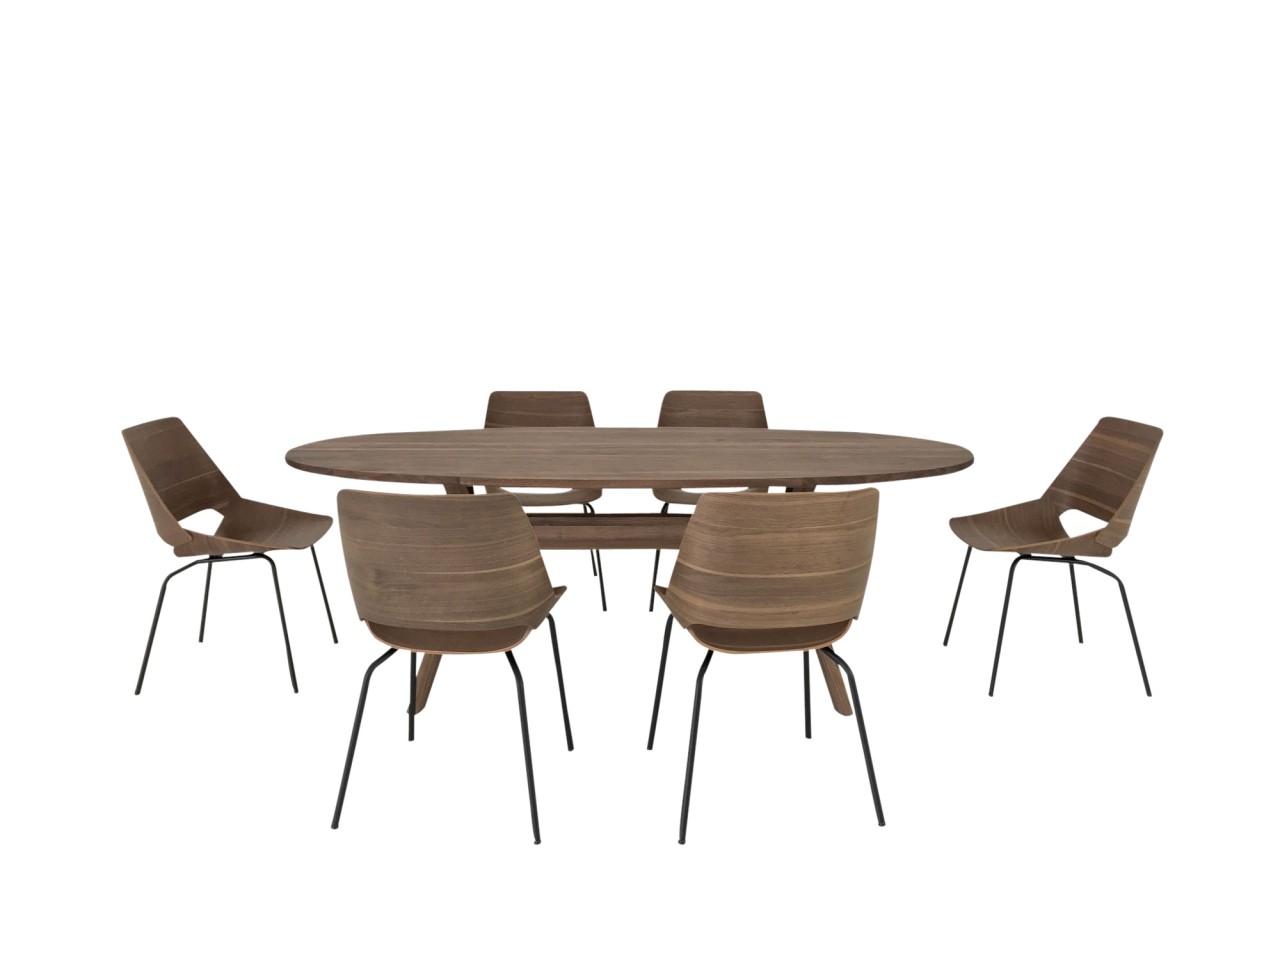 ROLF BENZ Essplatz mit ovalen 965 Esstisch in Nussbaum und 6 Stück 650 Stühlen in Nussbaum